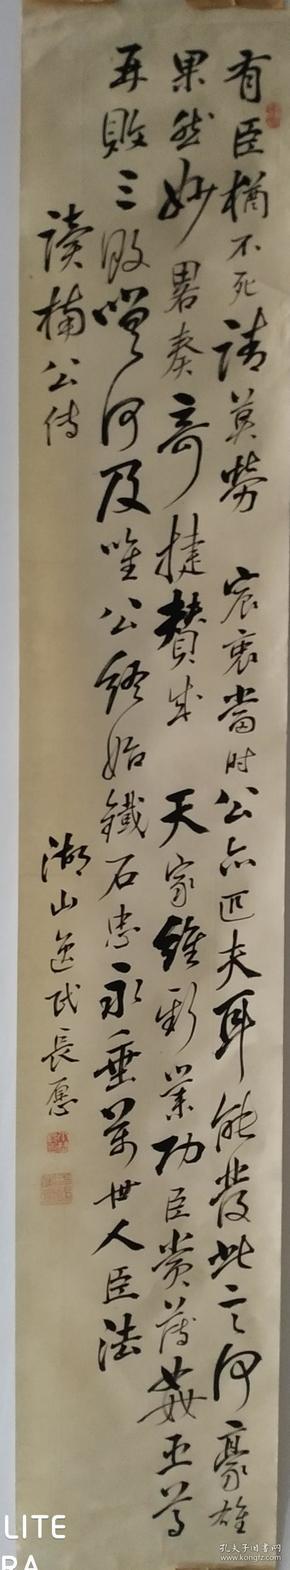 """明治初期名震汉诗坛的""""三山"""